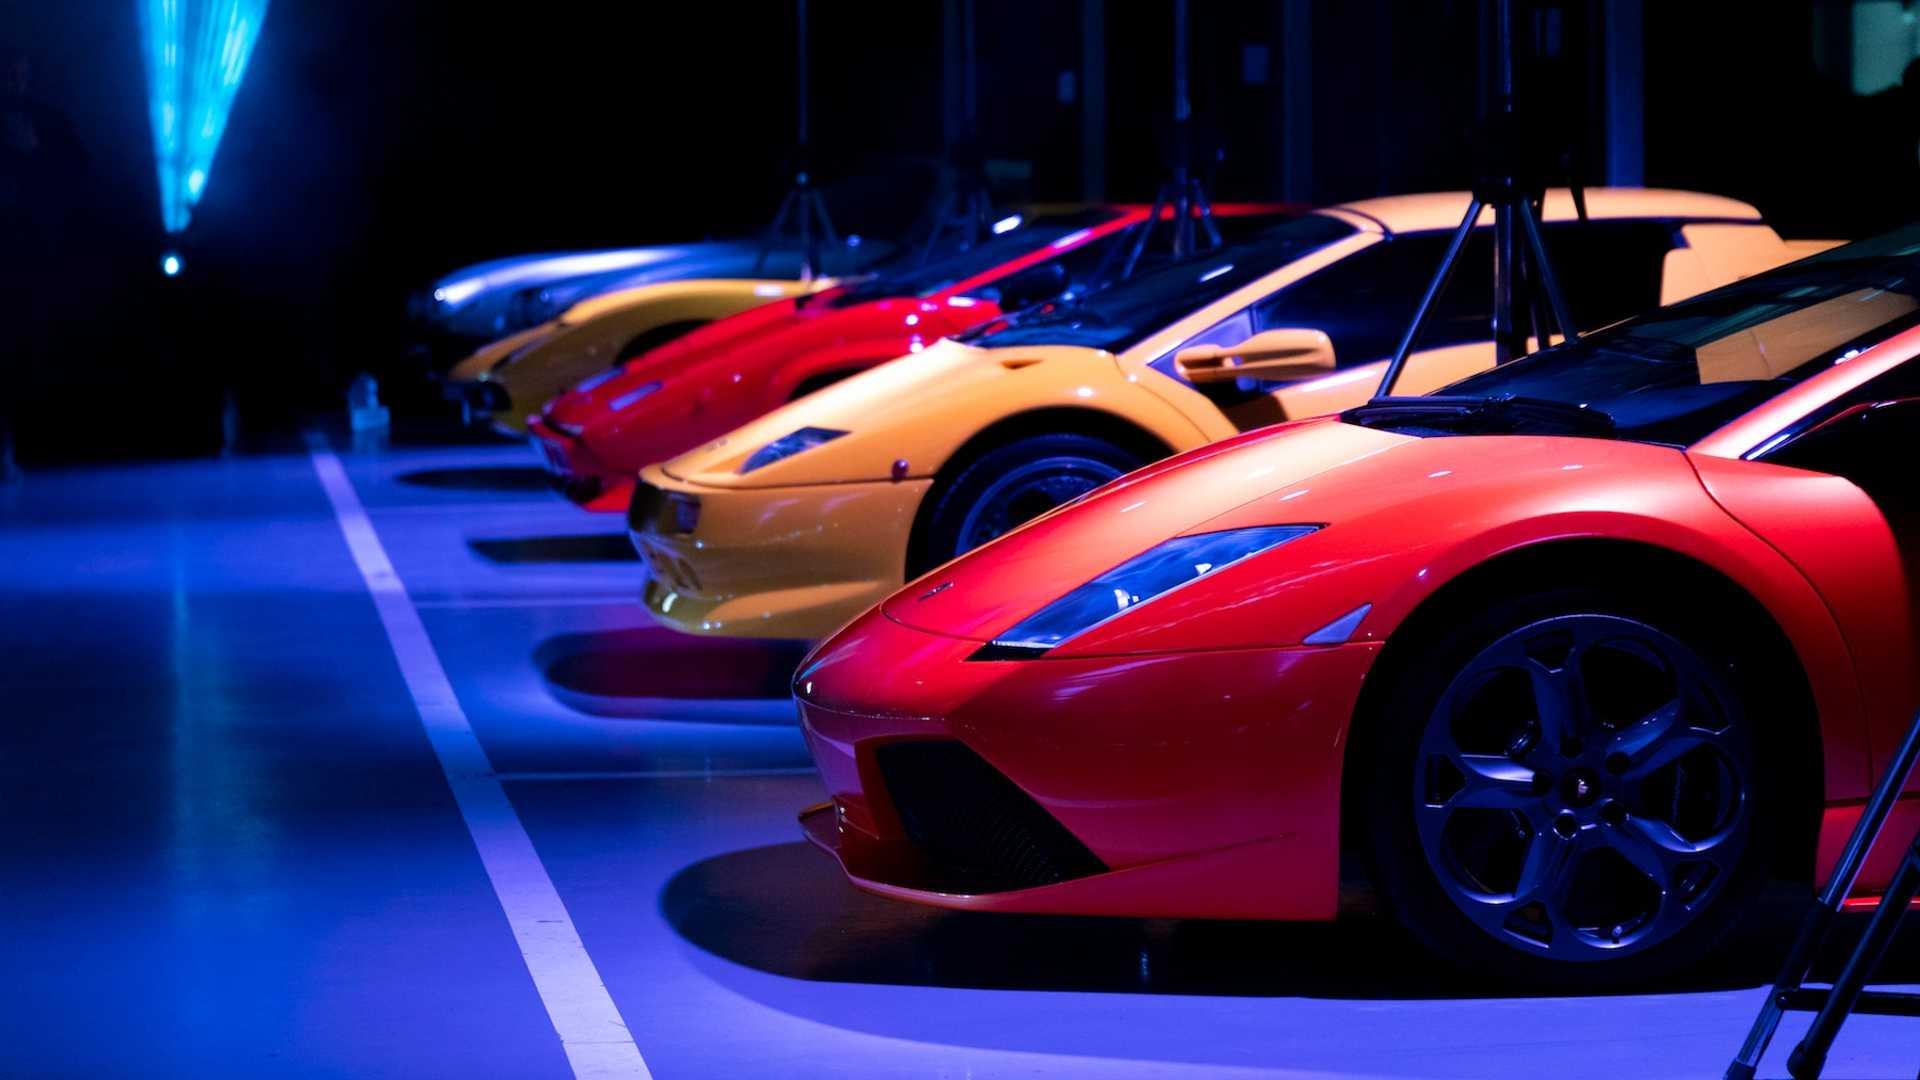 Эксклюзивные суперкары Lamborghini стали гостями на званом ужине